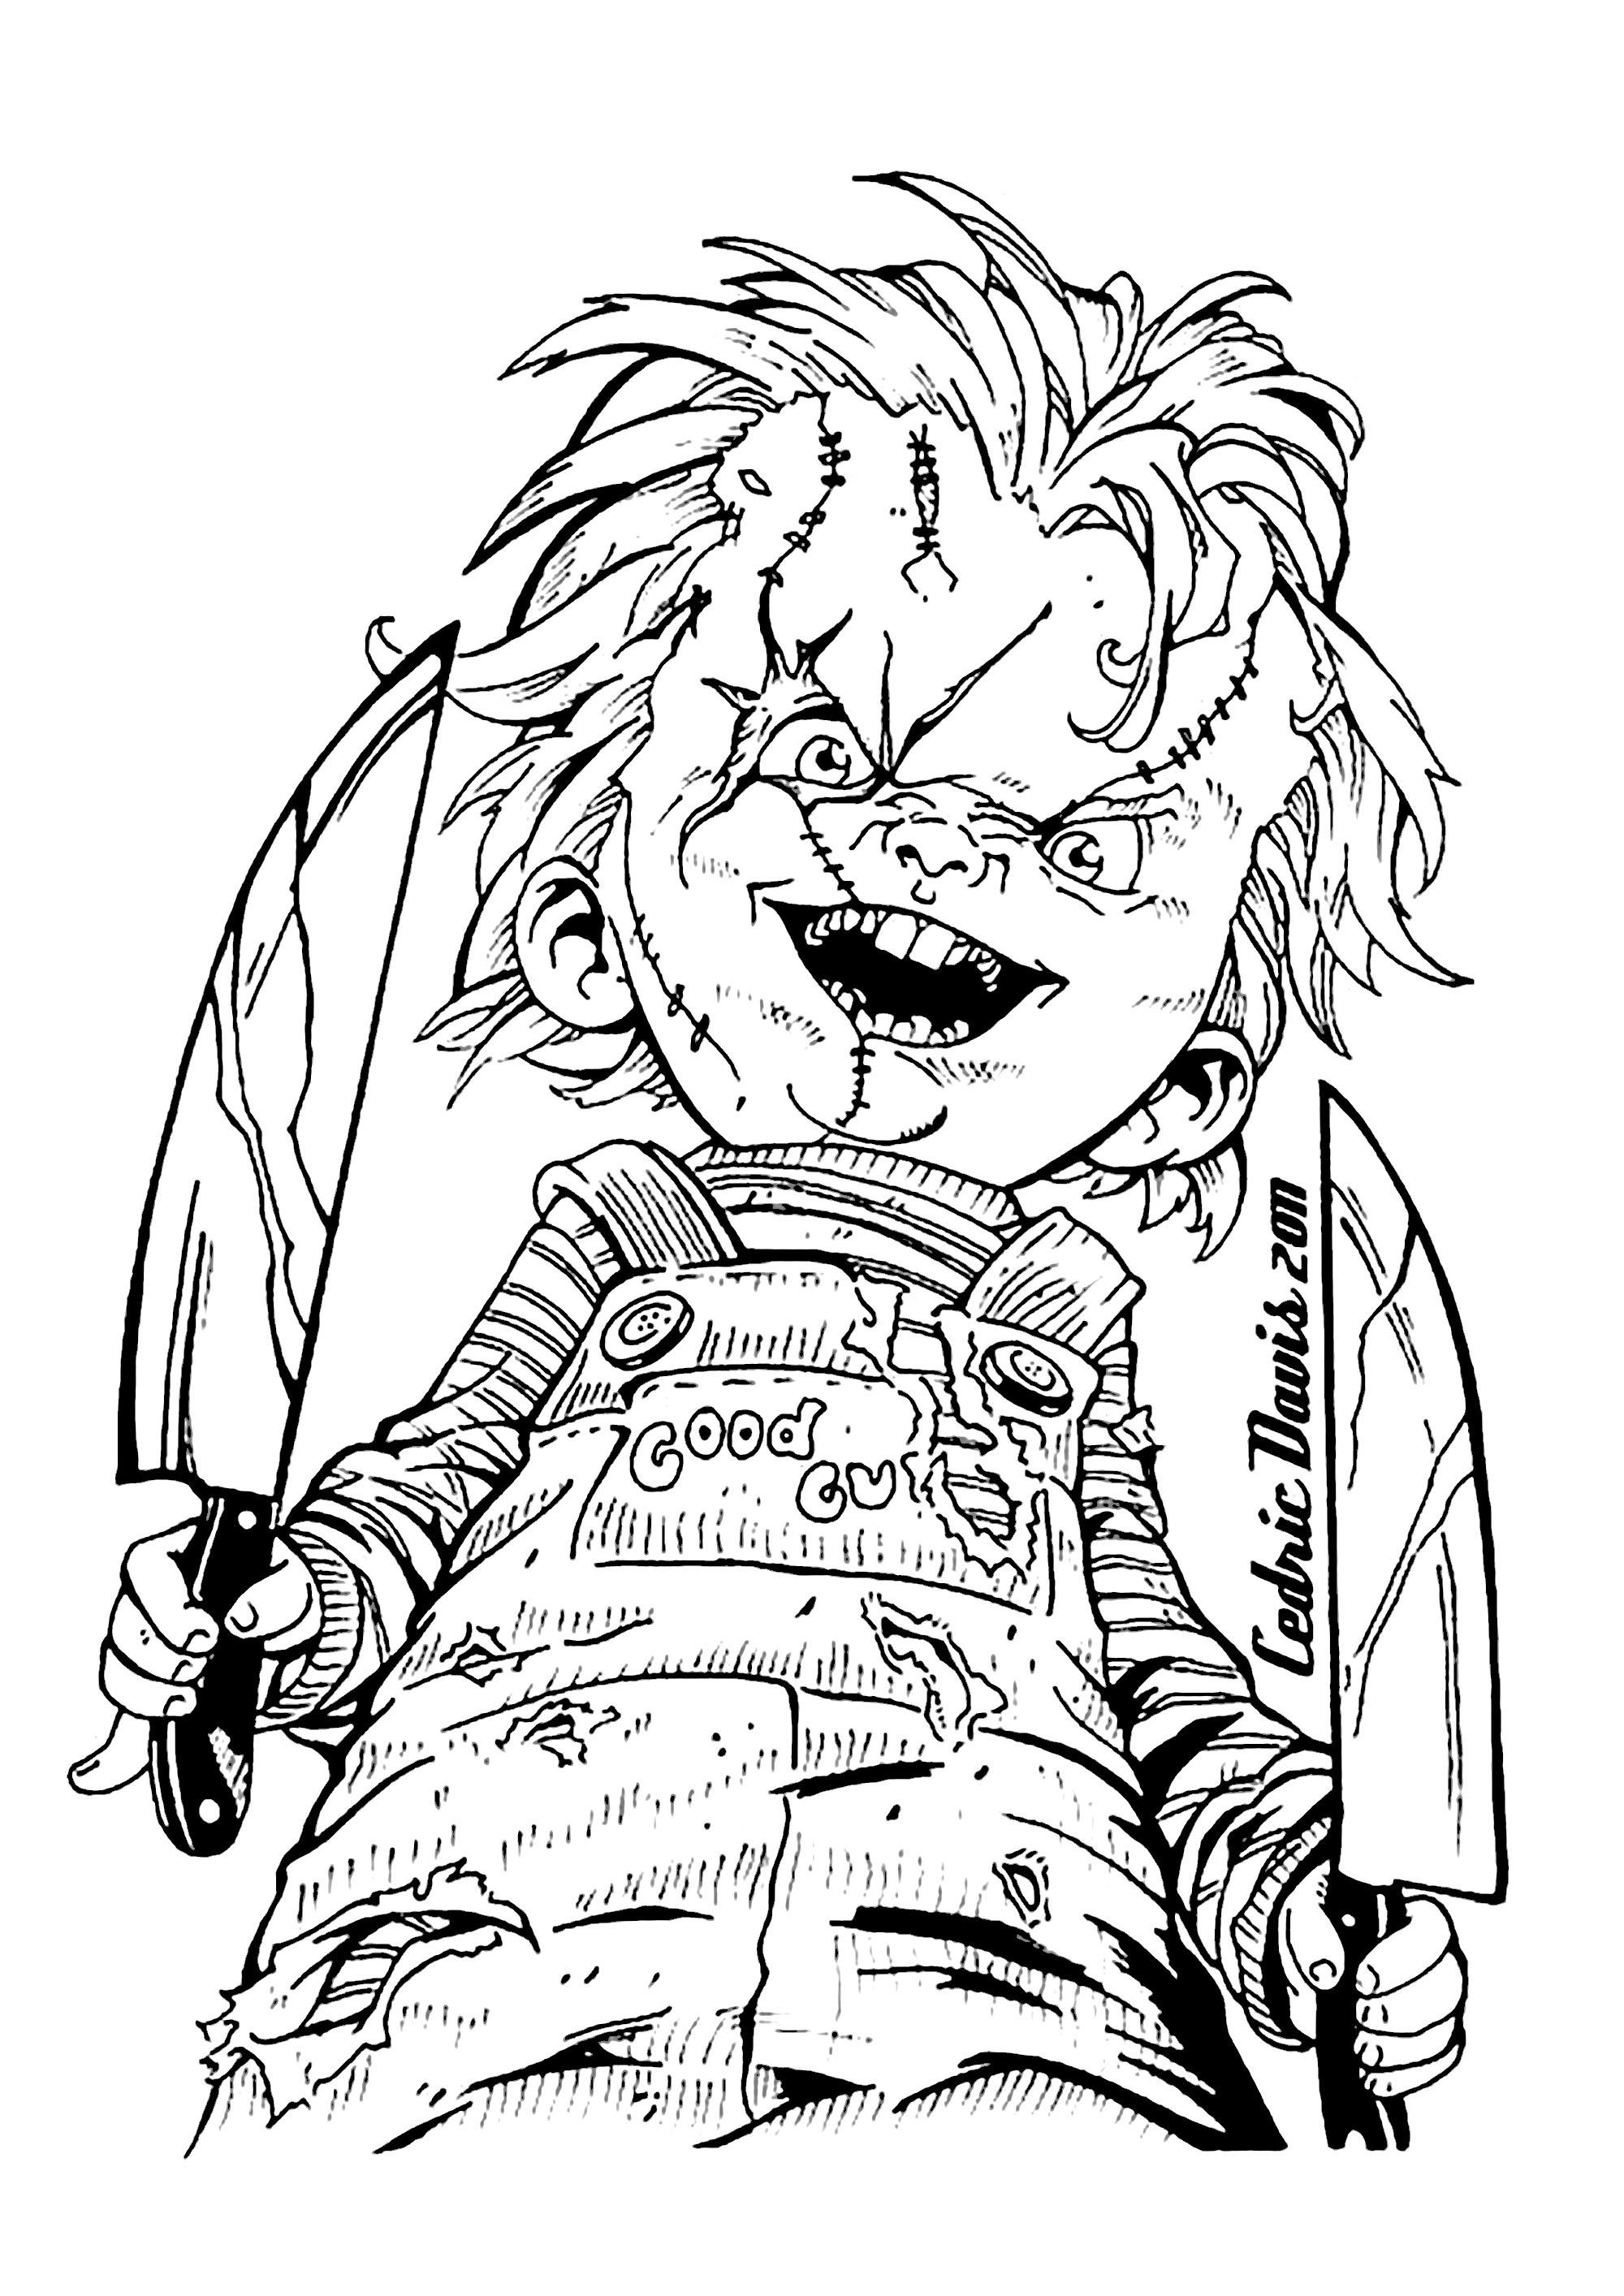 Coloriez cet effrayant coloriage à l'effigie de Chucky la poupée maléfique